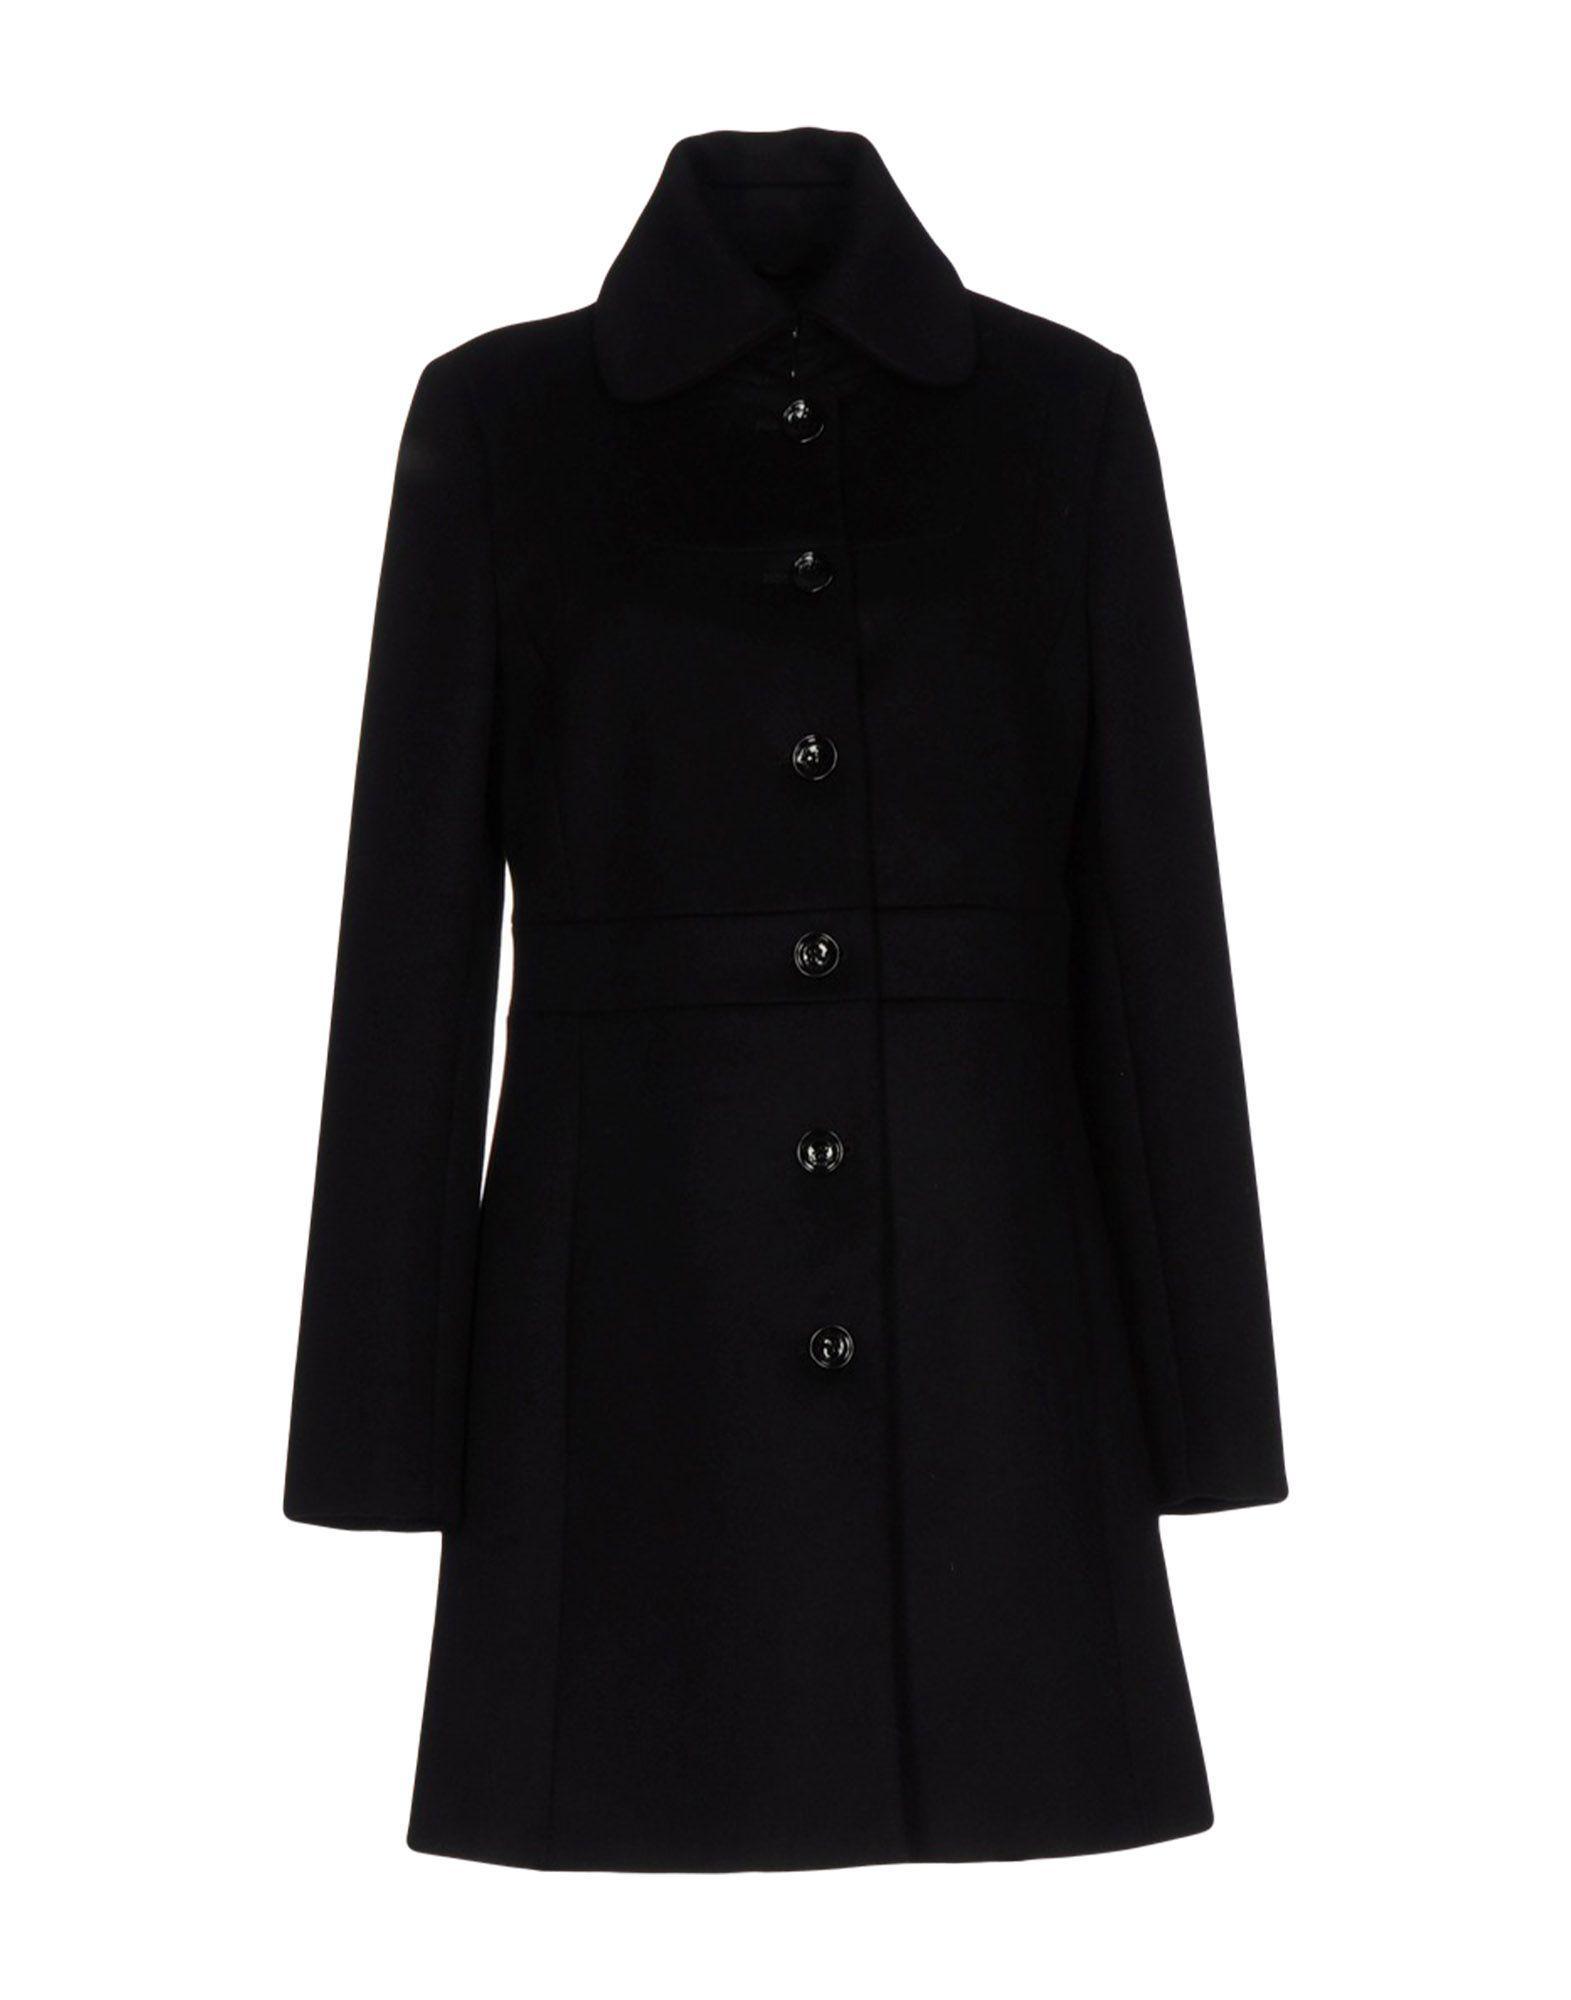 Patrizia Pepe Coat In Black